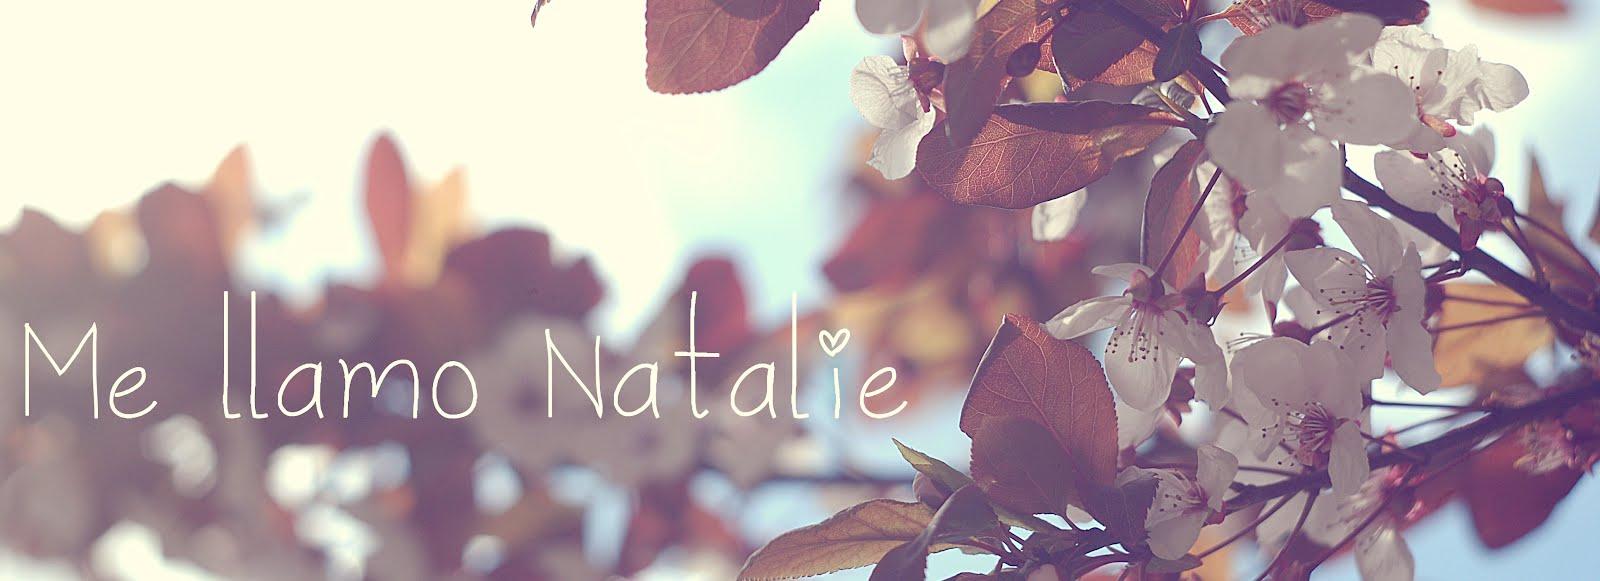 Me llamo Natalie